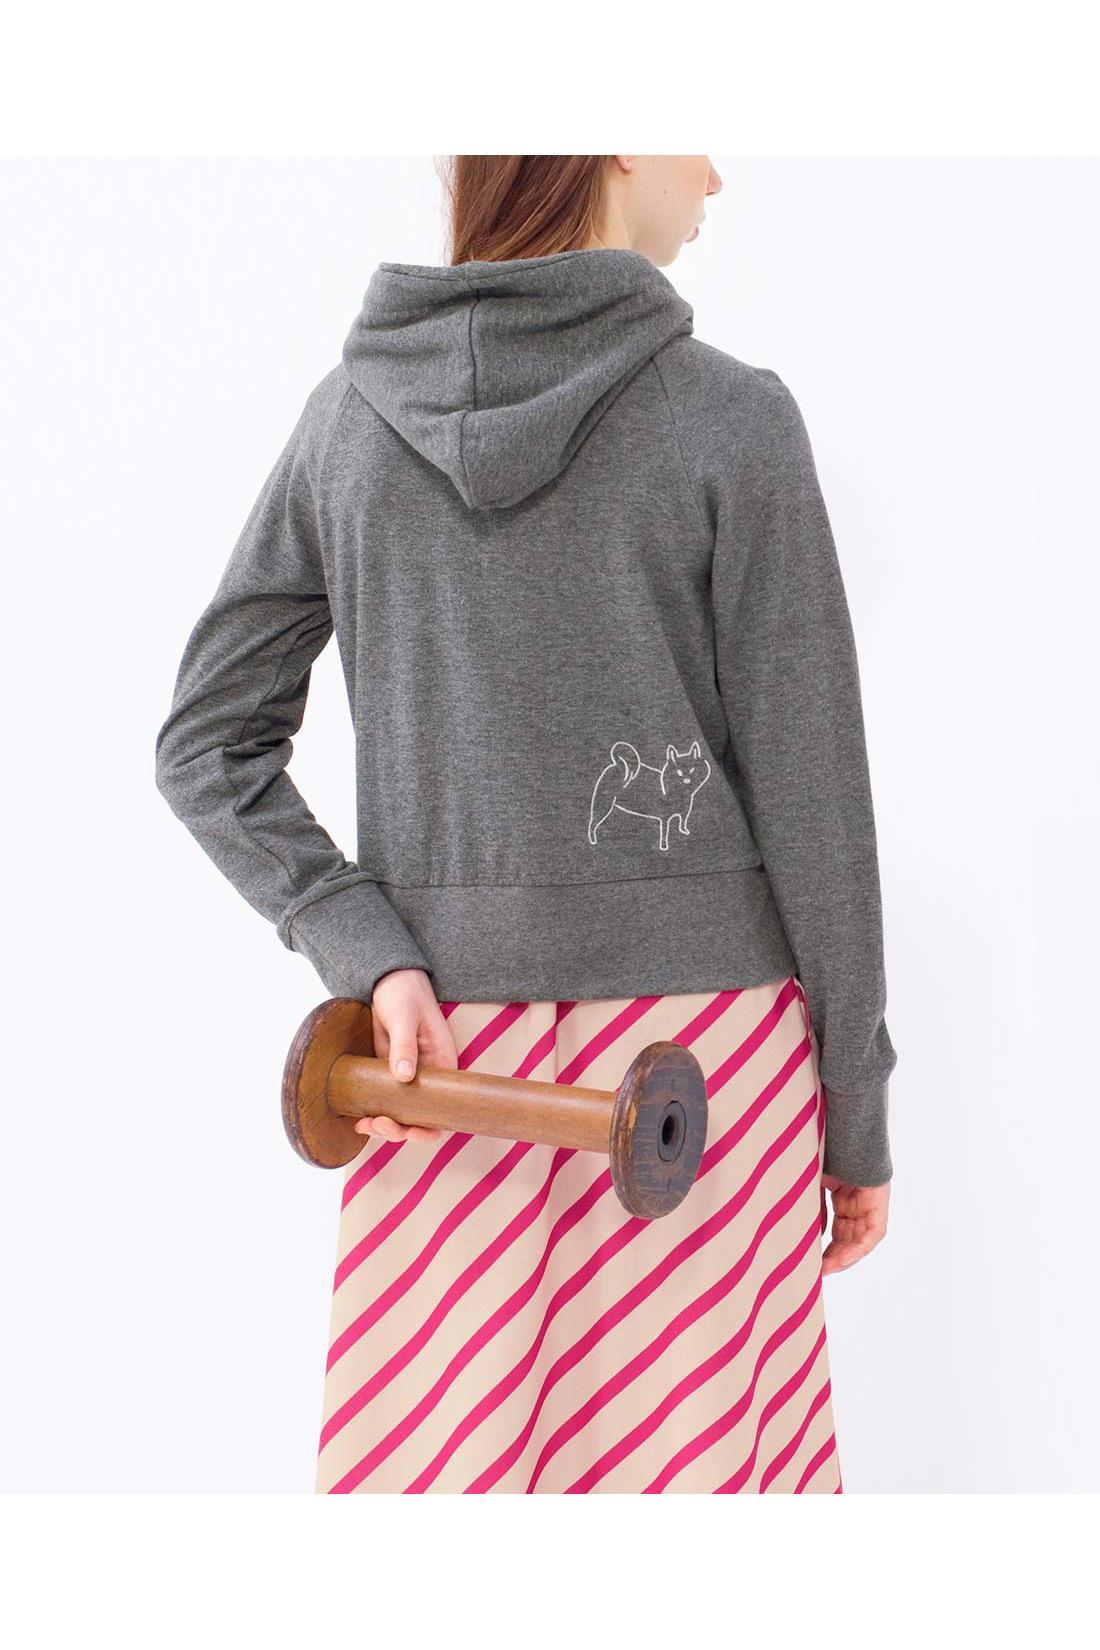 パーカーの背中にもわんこの刺しゅうが♪ ※着用イメージです。